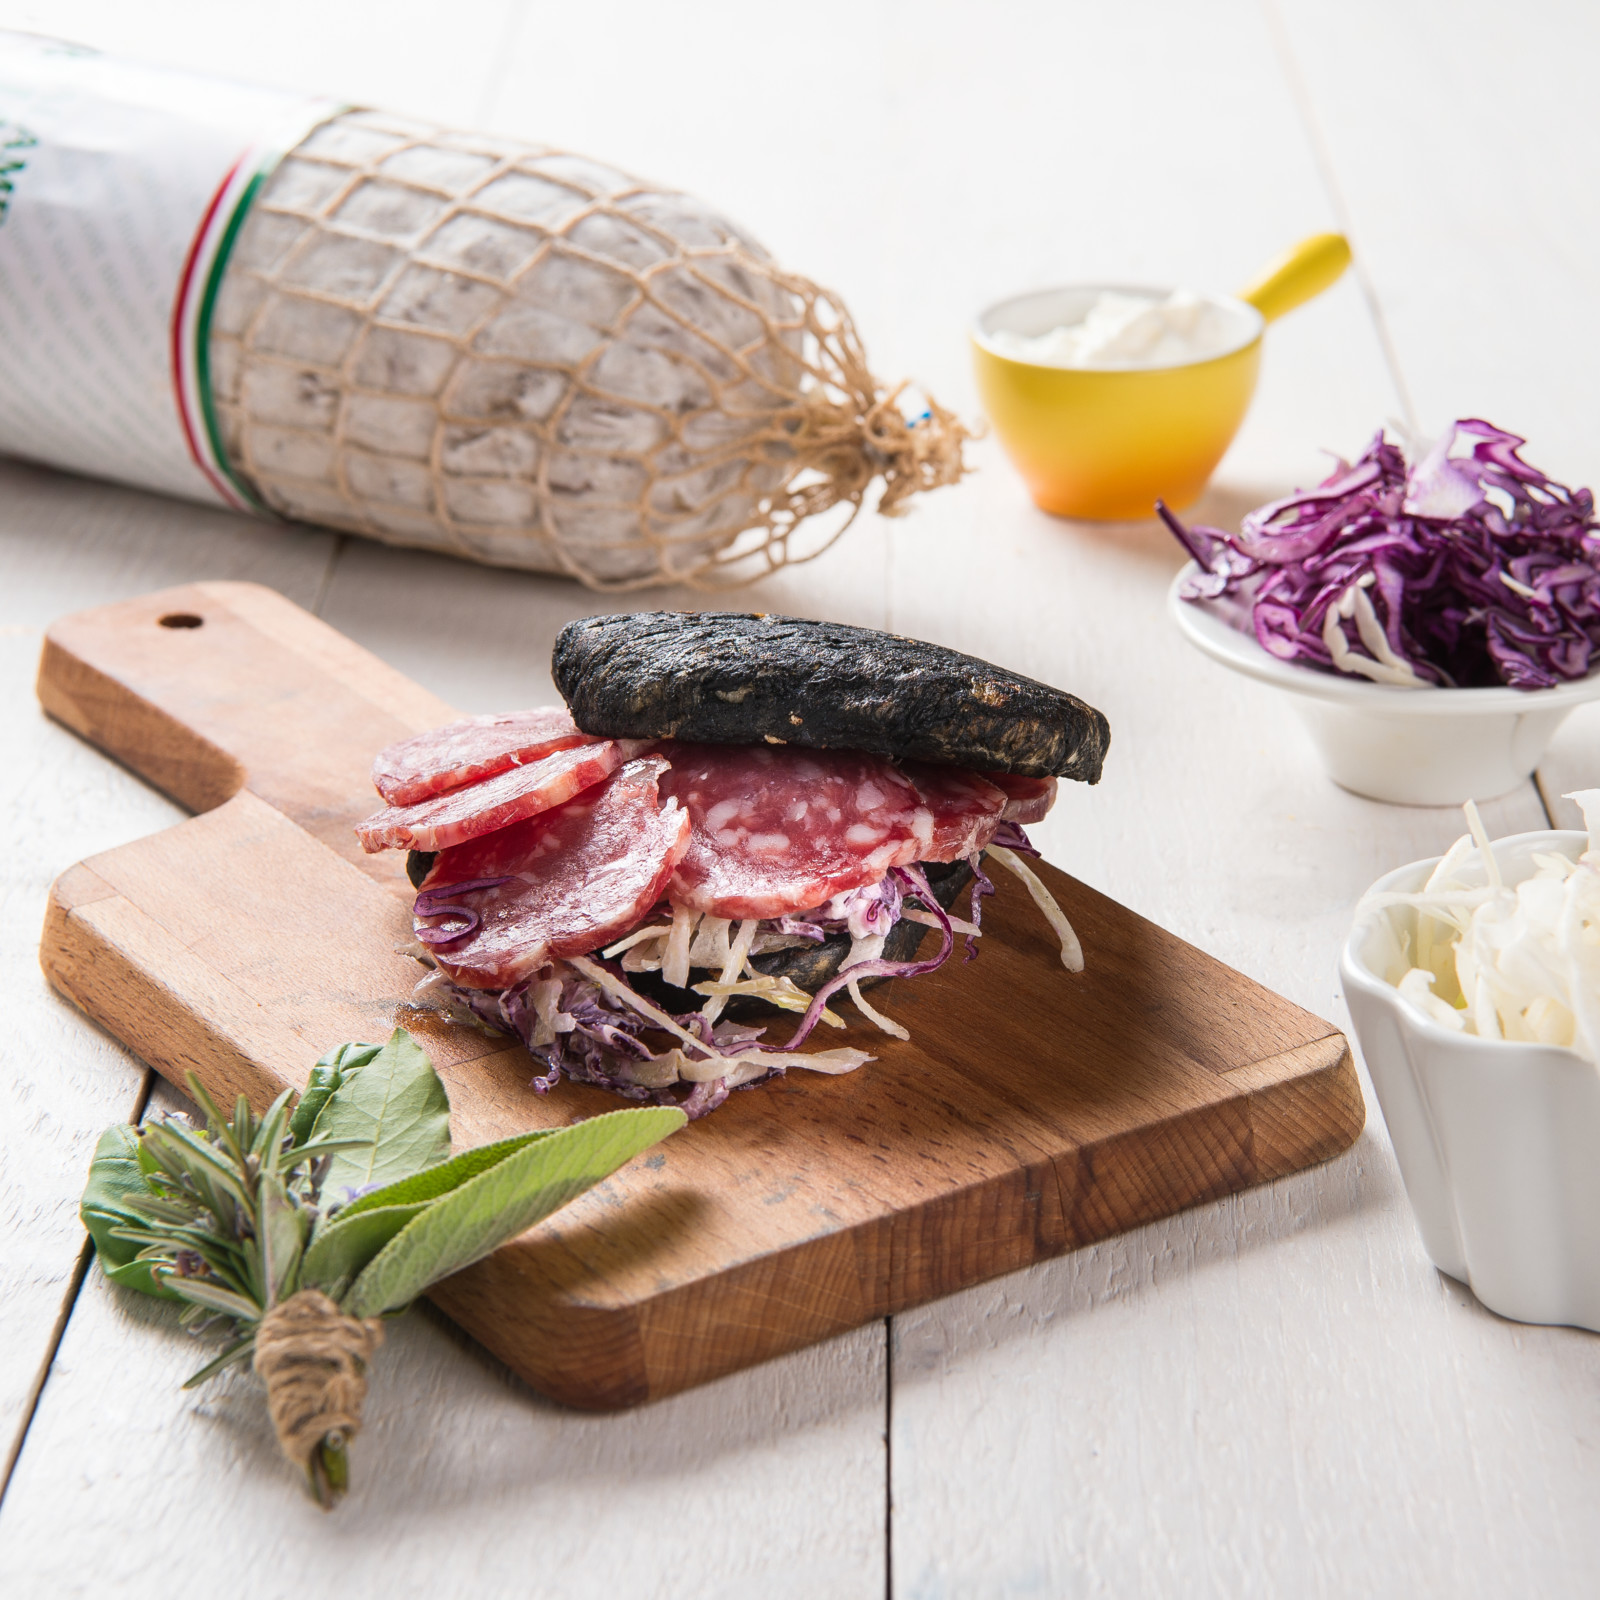 IL COLORATO con panino al carbone vegetale